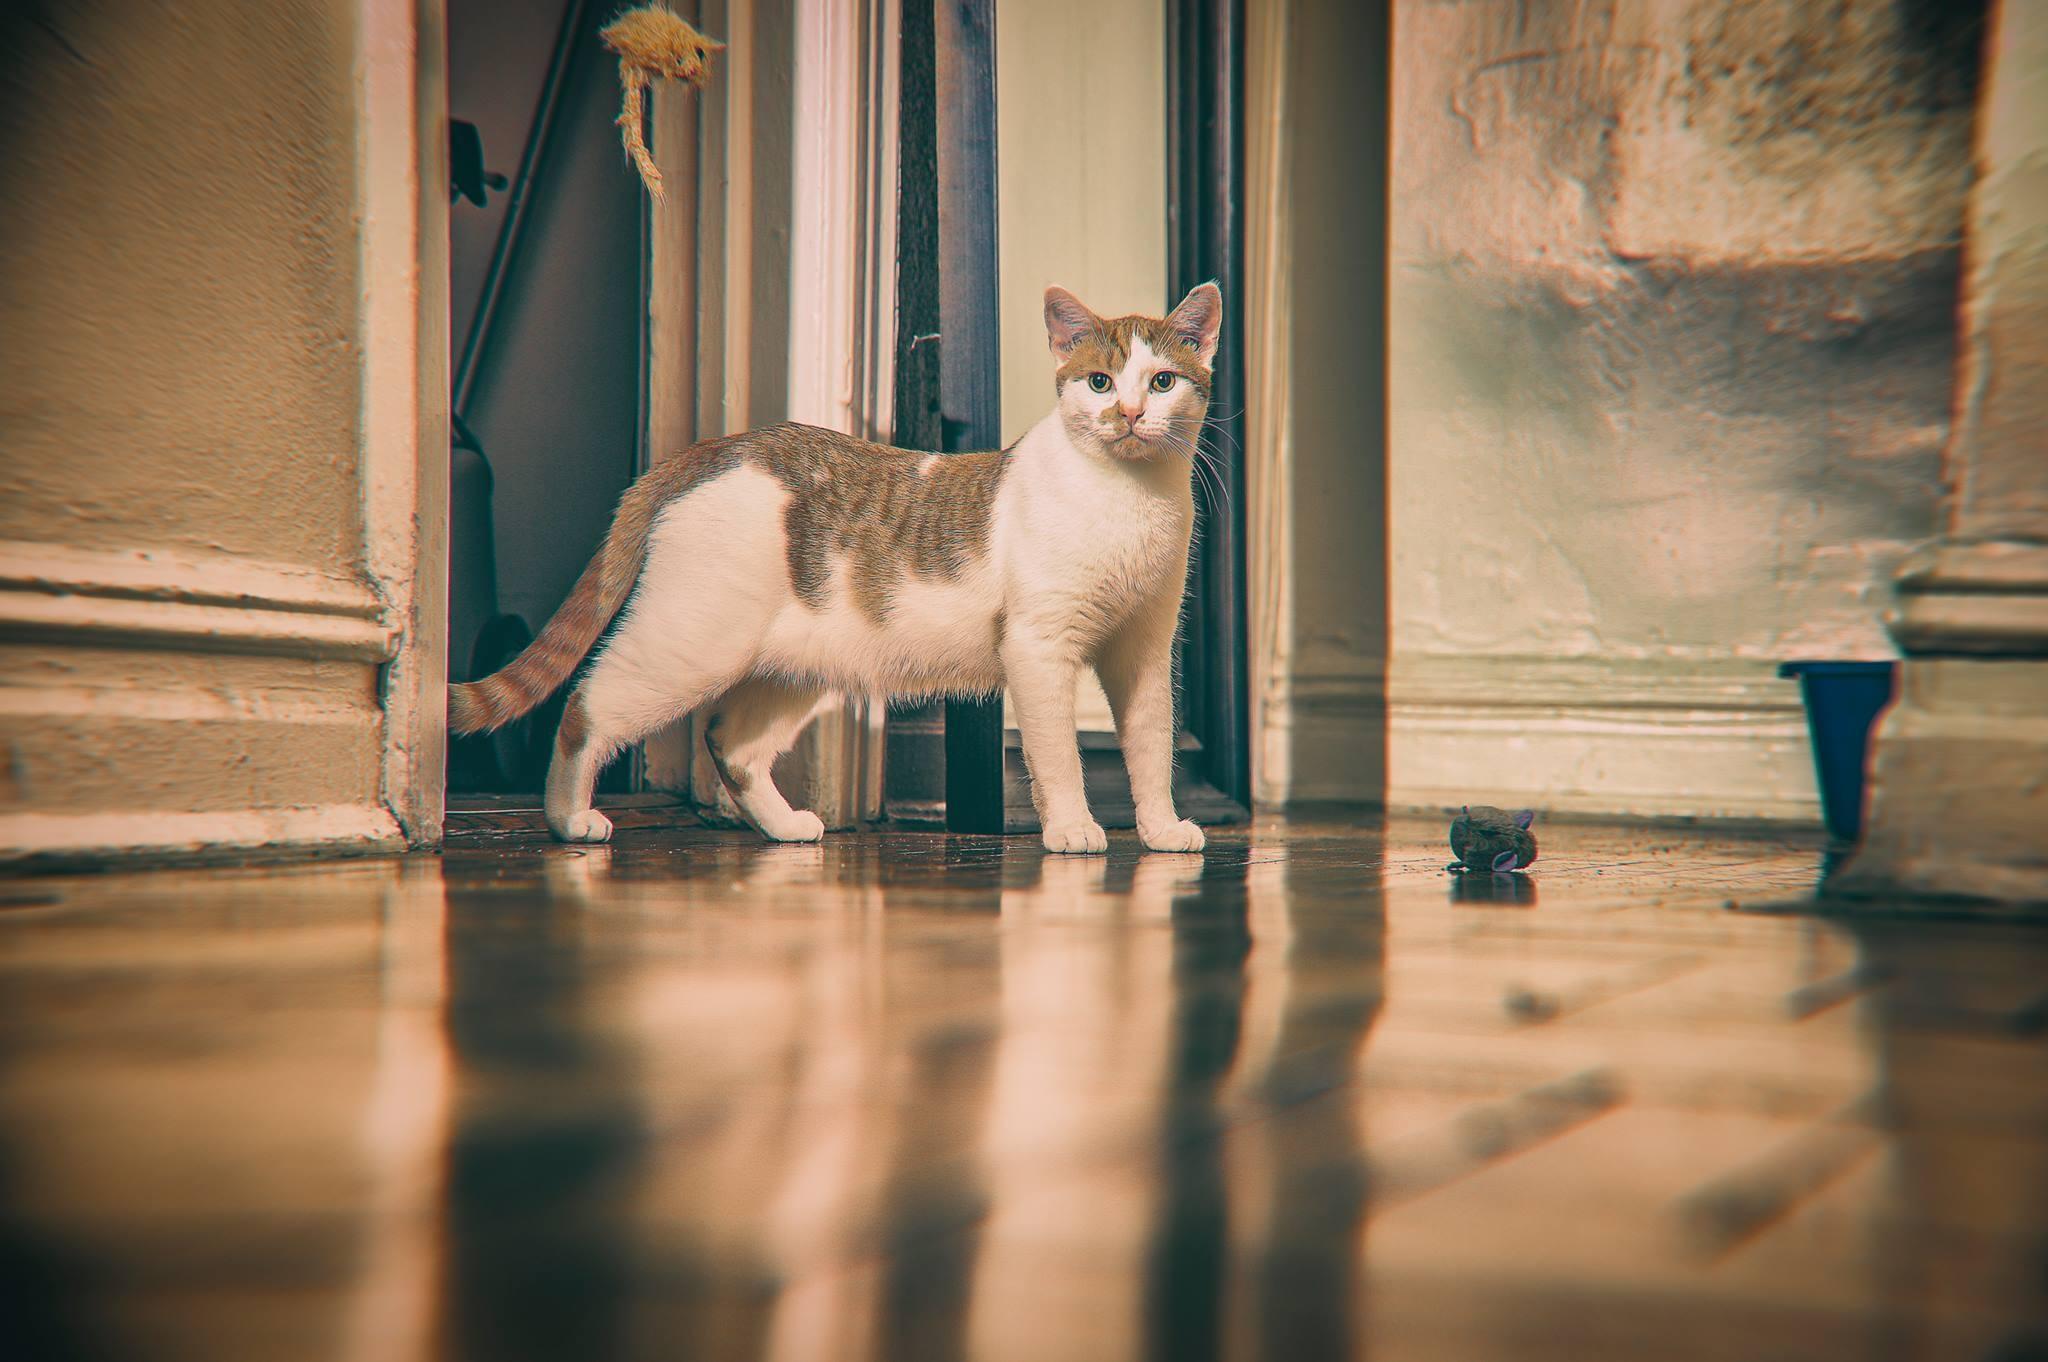 2013-12-05 13.56.18BuddyLostandfoundphotoprojectKinsey.jpg